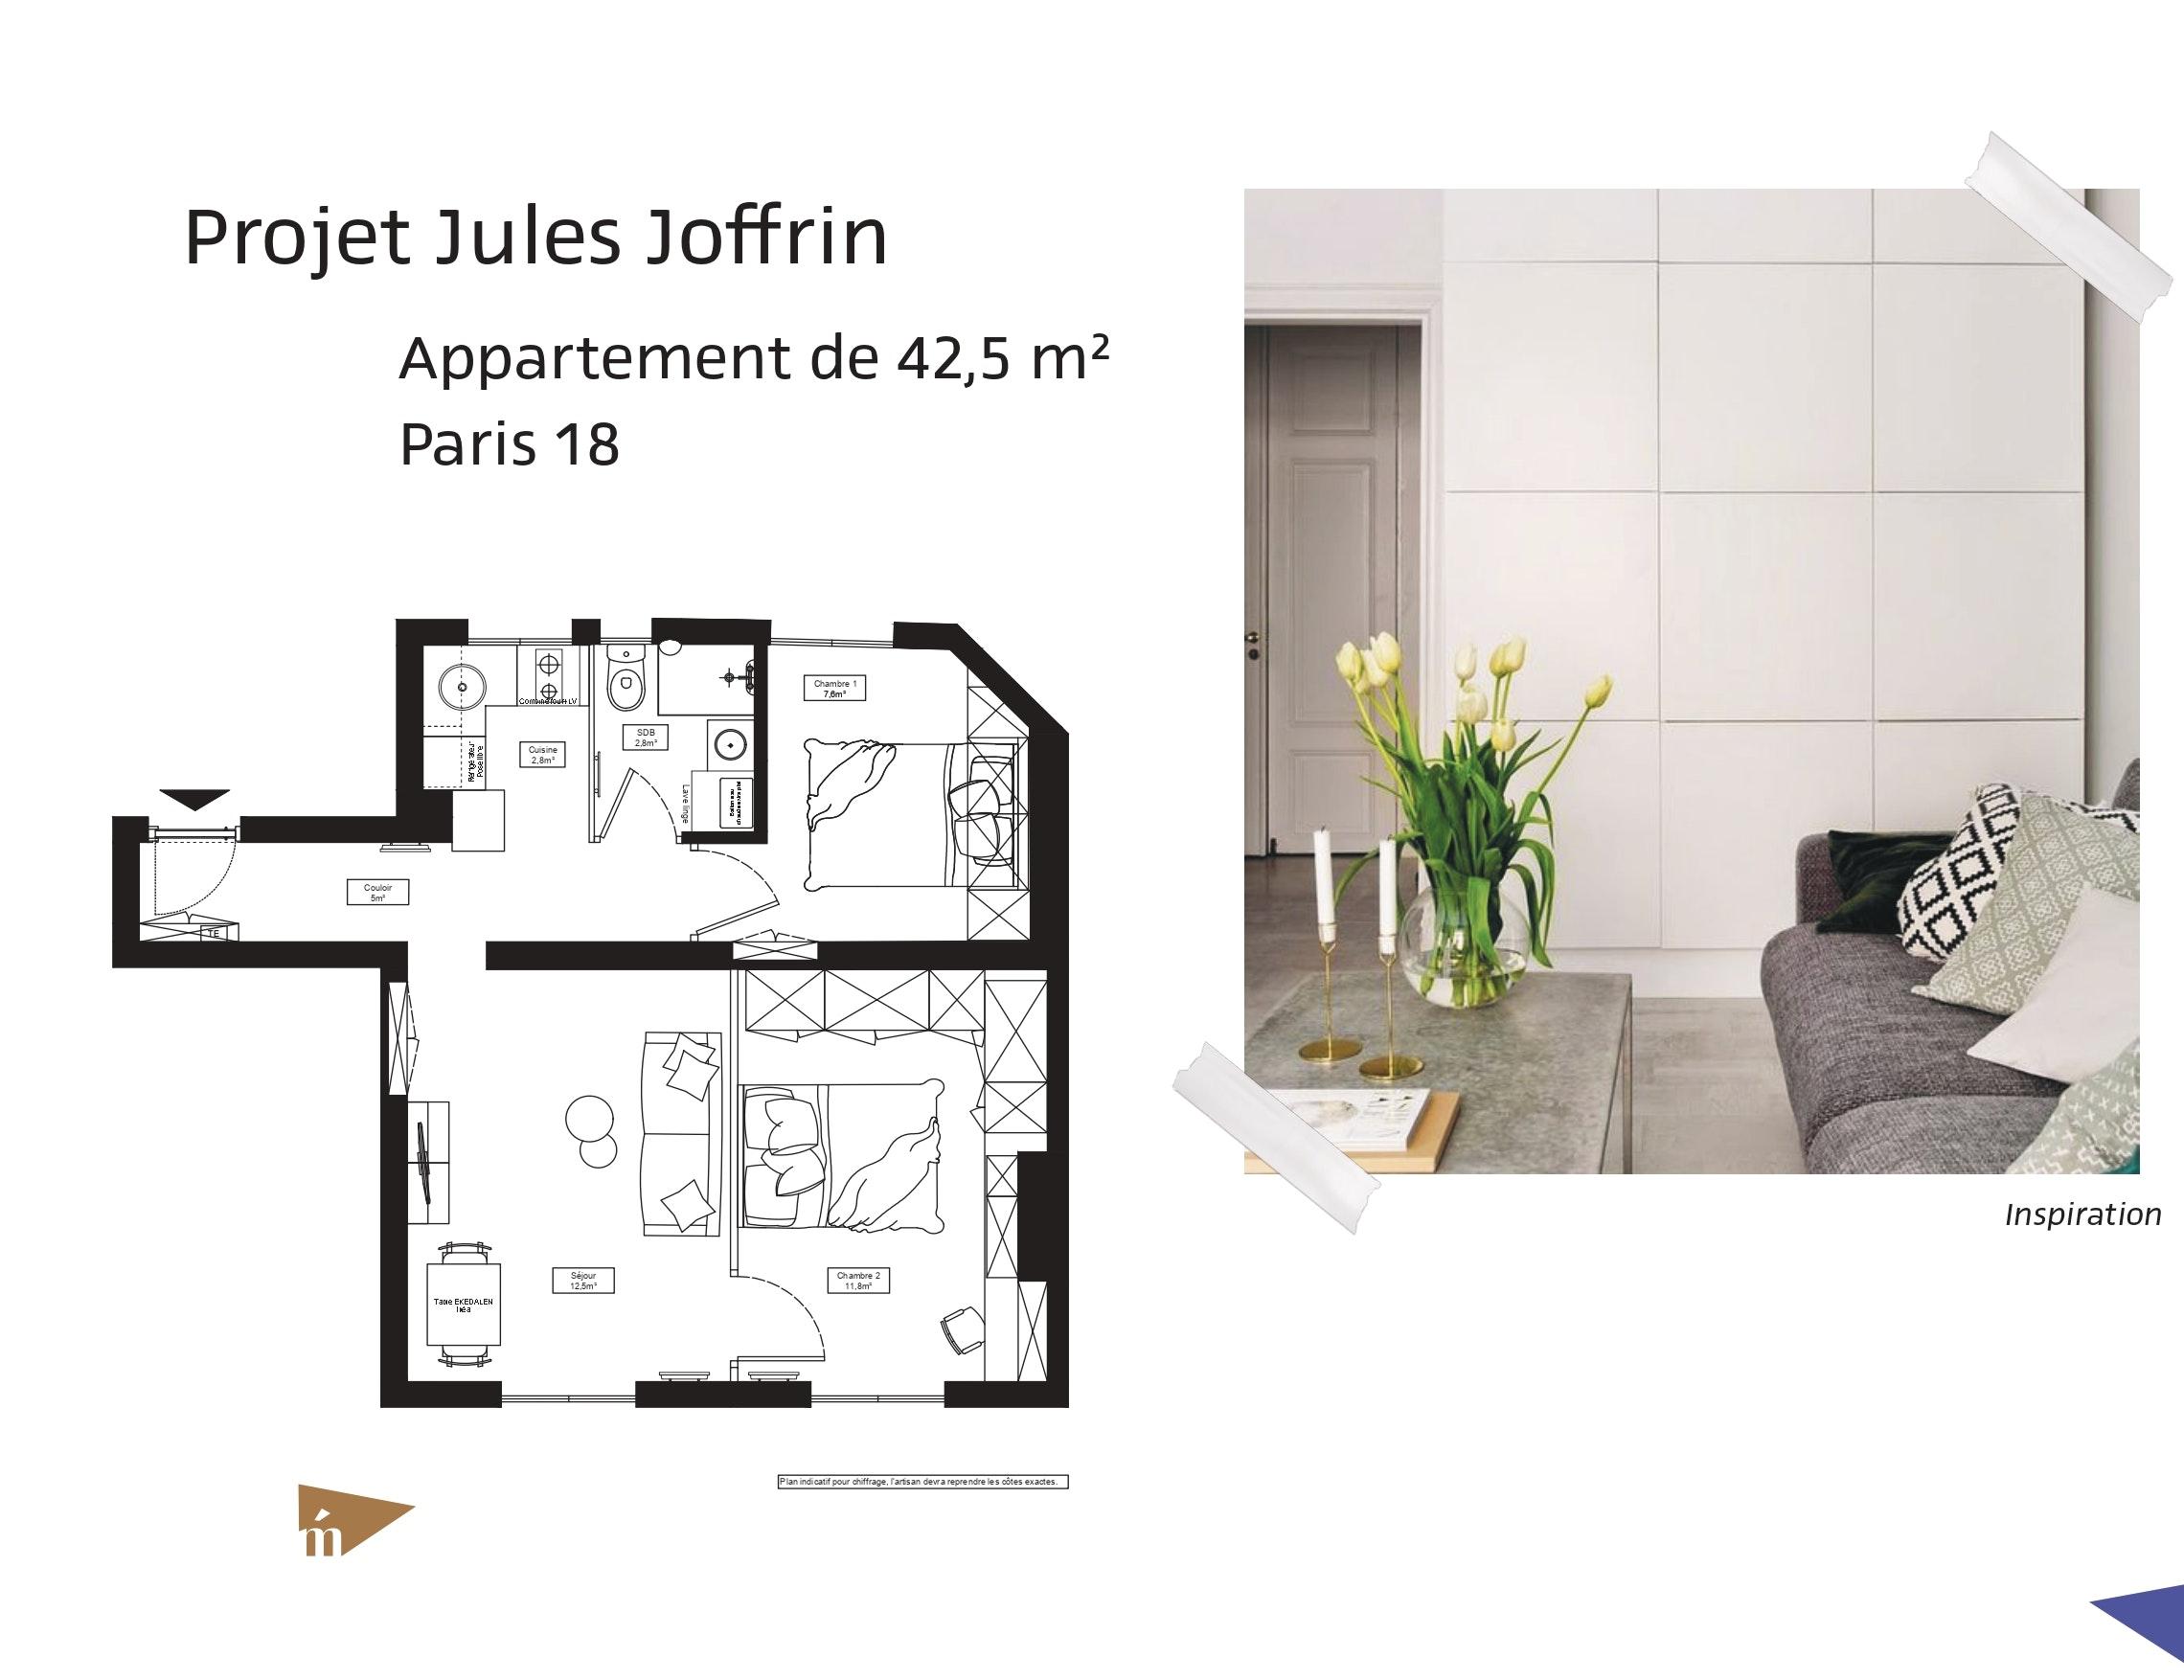 photo Projet Jules Joffrin - Appartement de 42,5m² - Paris 18 Léa Mast - Architecte hemea